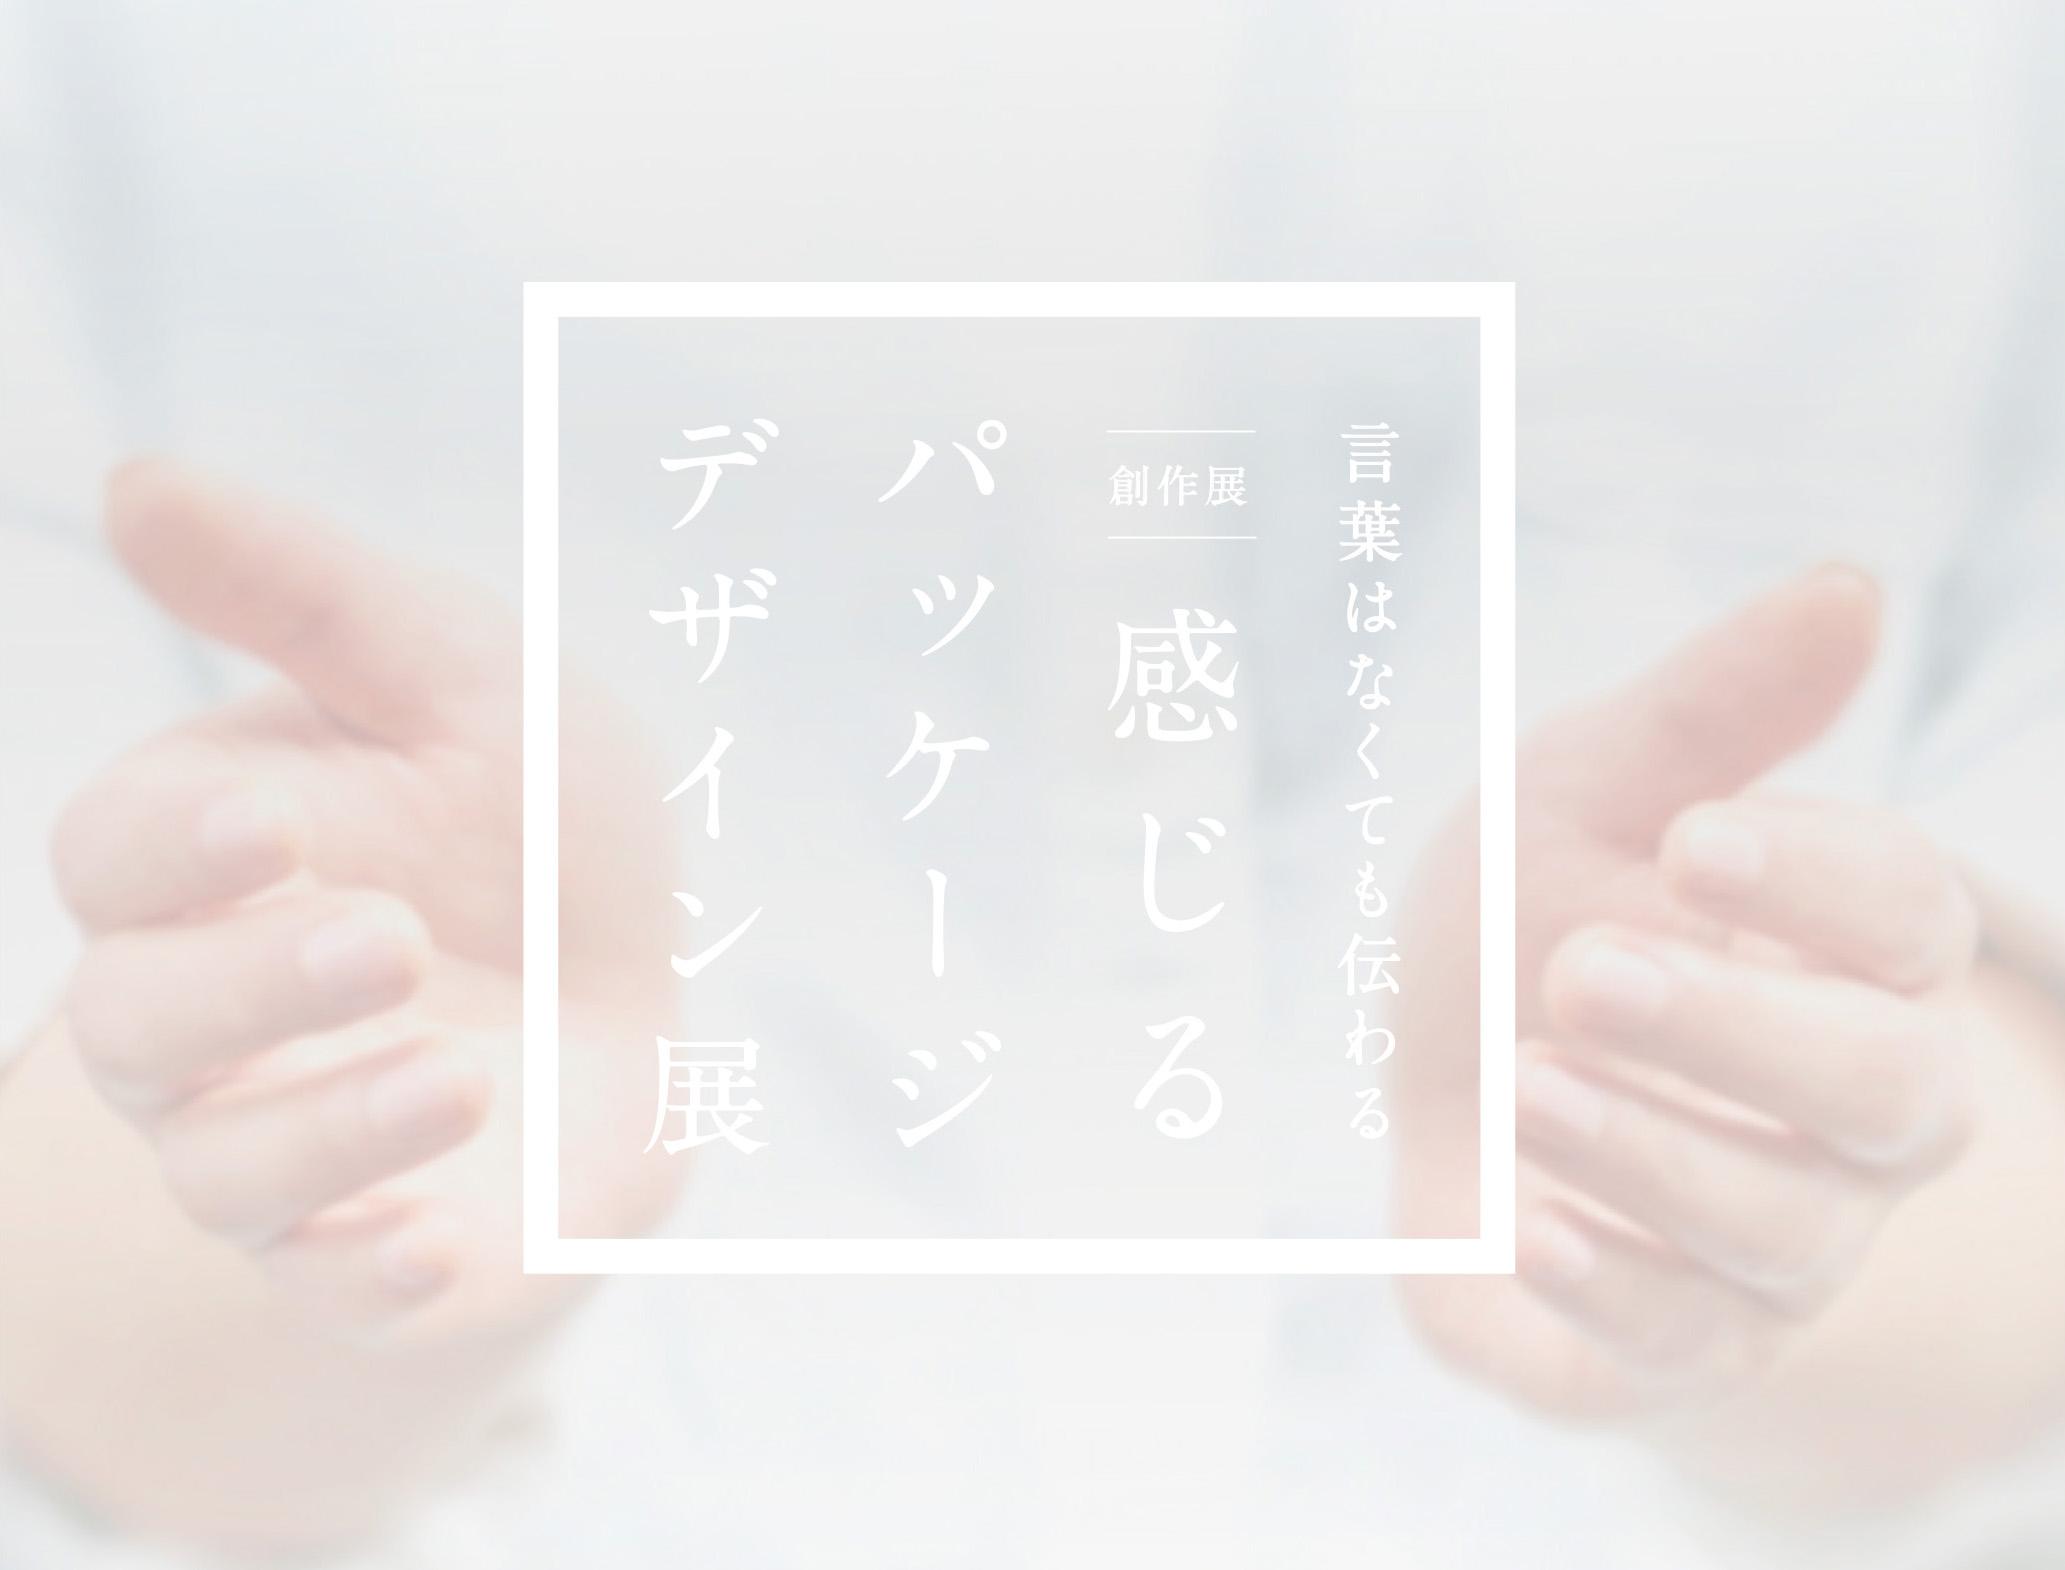 創作展「感じるパッケージデザイン展」東京展のイメージ